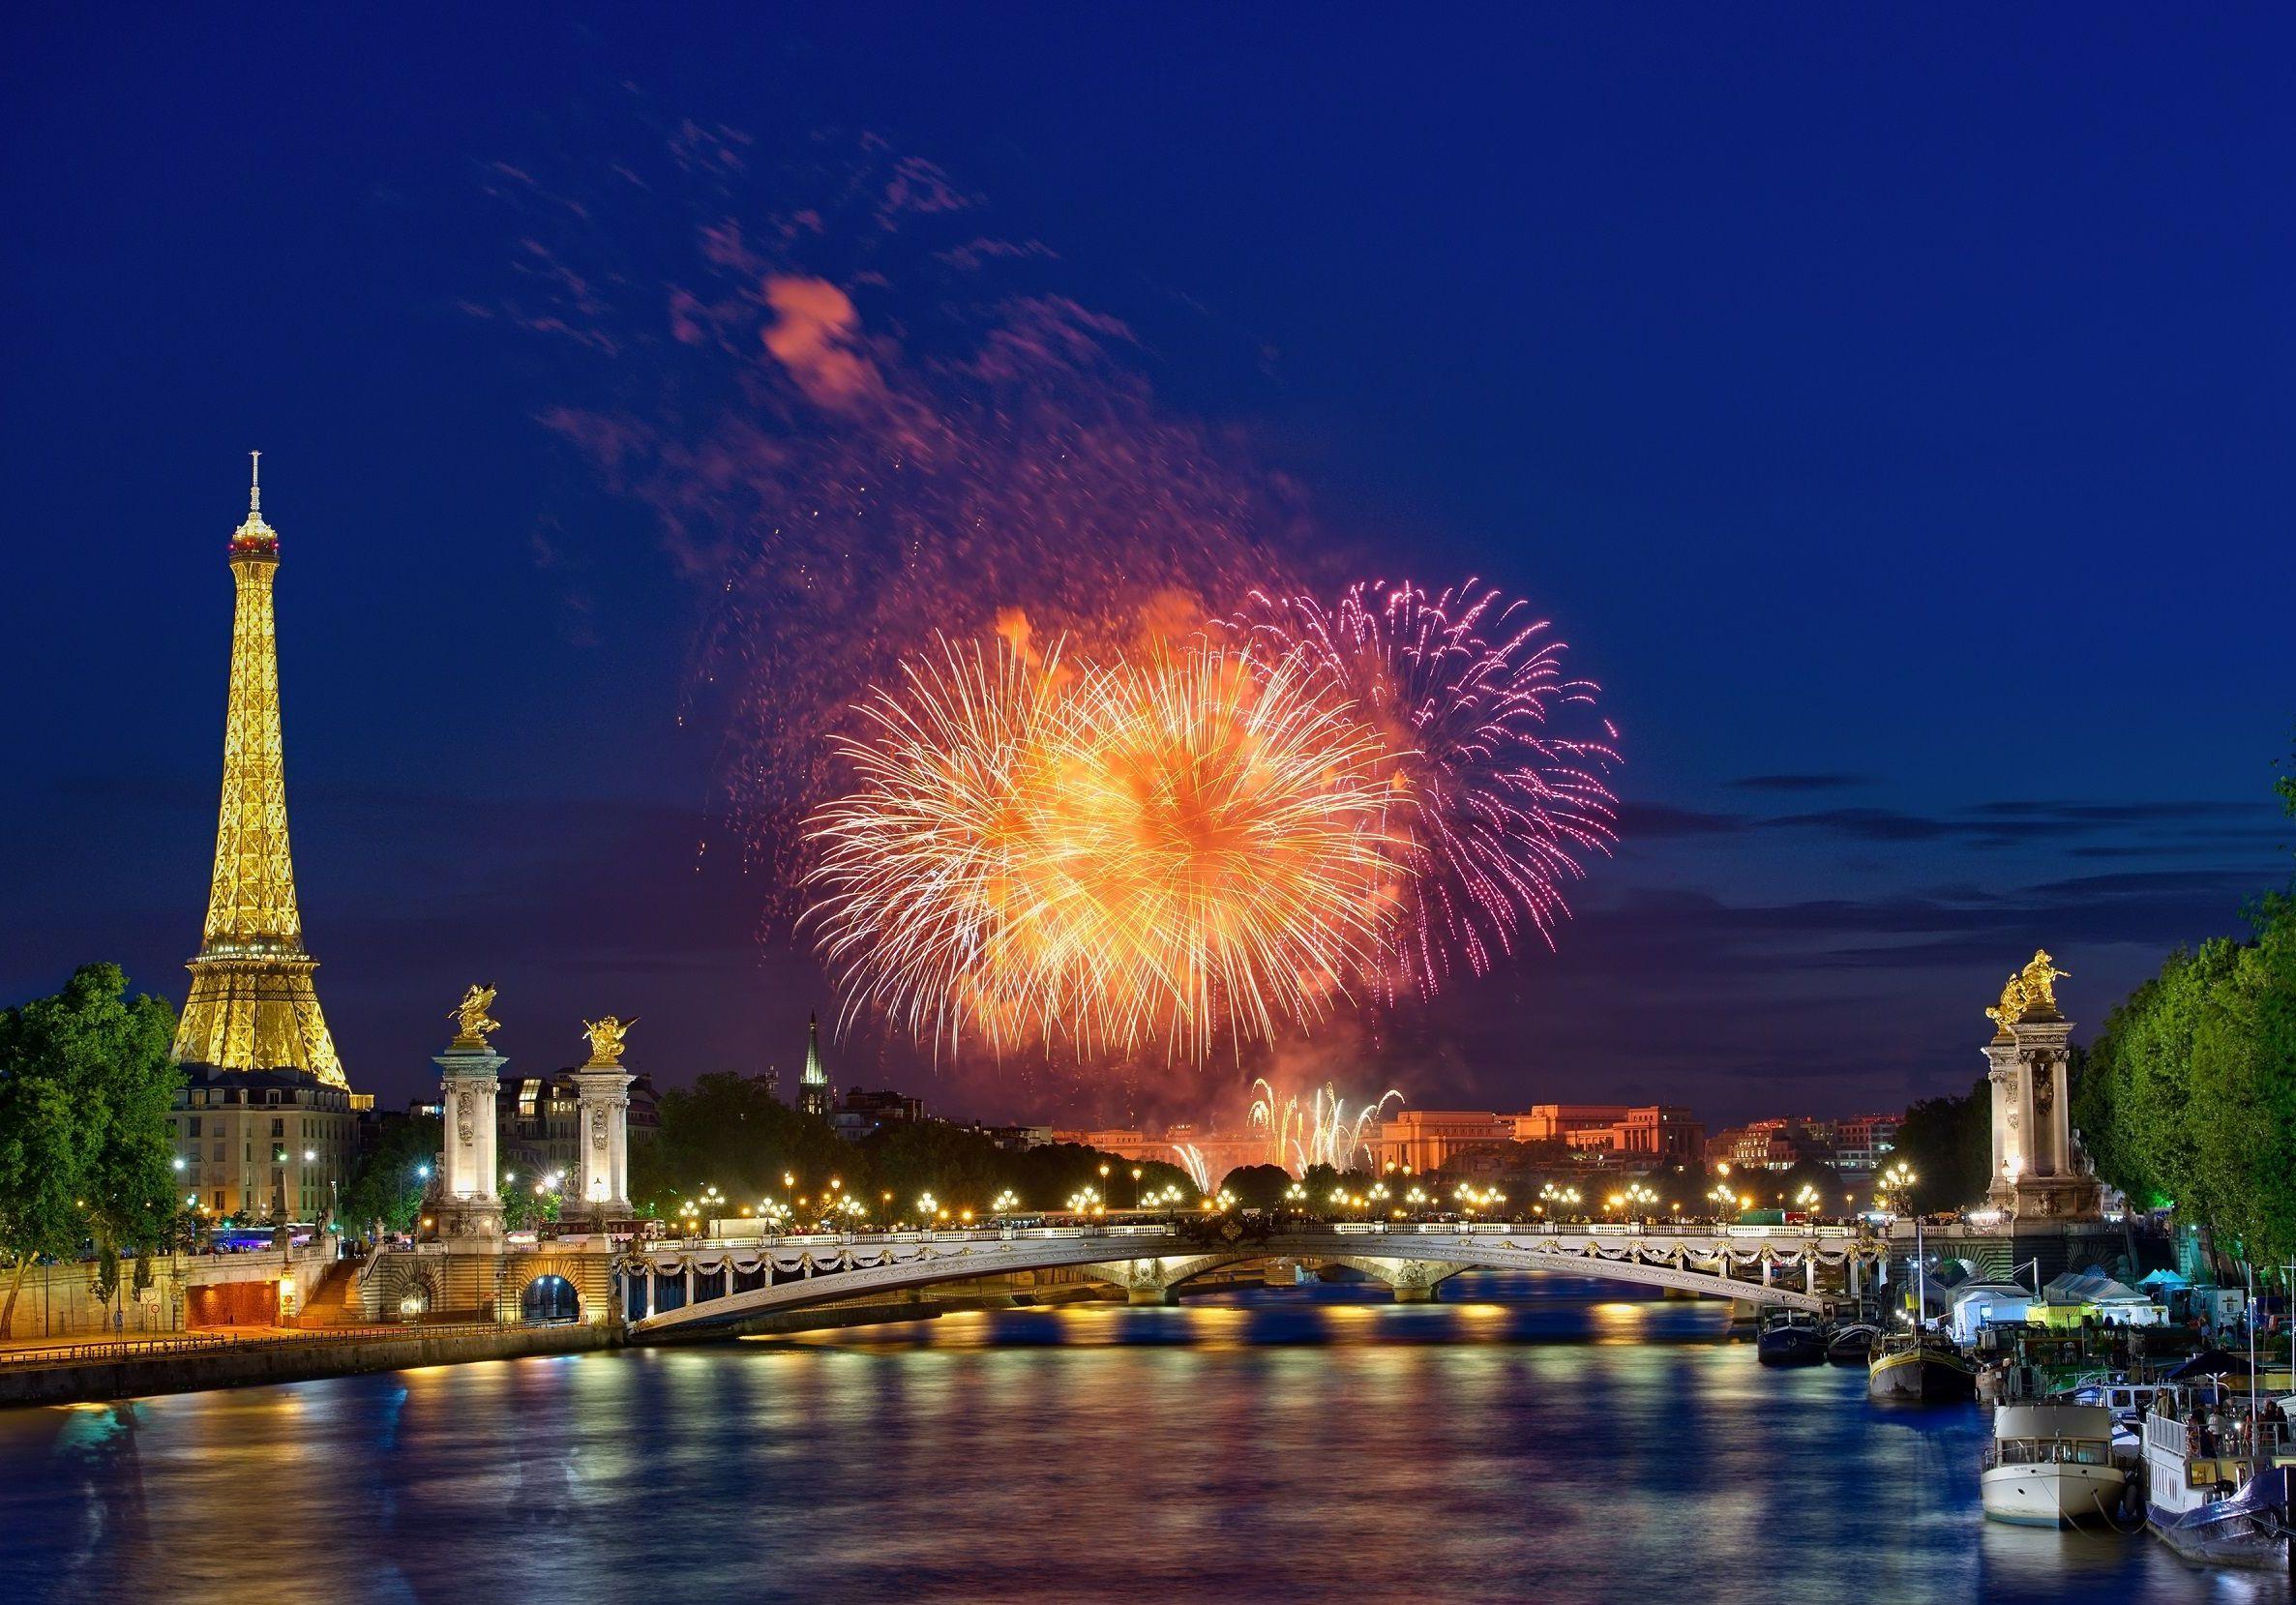 les meilleurs endroits pour voir le feu d u2019artifice du 14 juillet  u00e0 paris